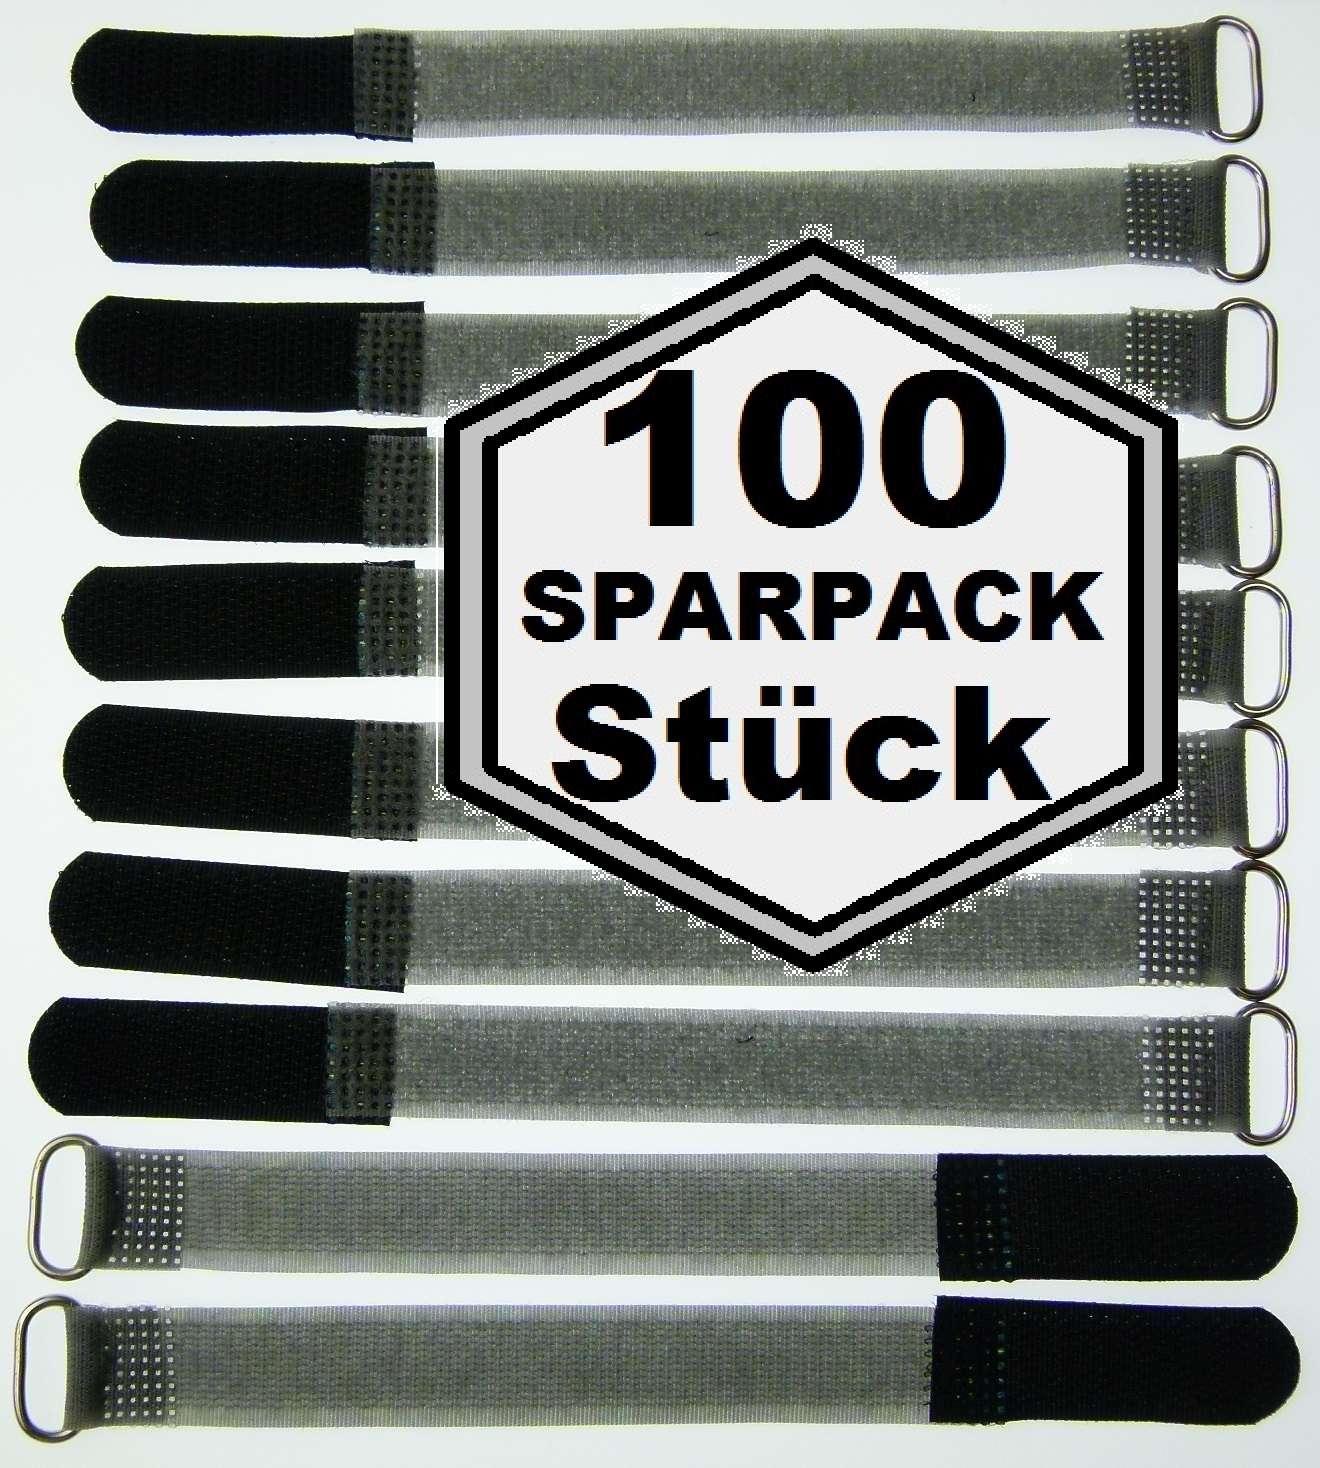 50x Kabelklett 300 x 20 mm schwarz FK Klett Band Kabelbinder Klettbänder mit Öse